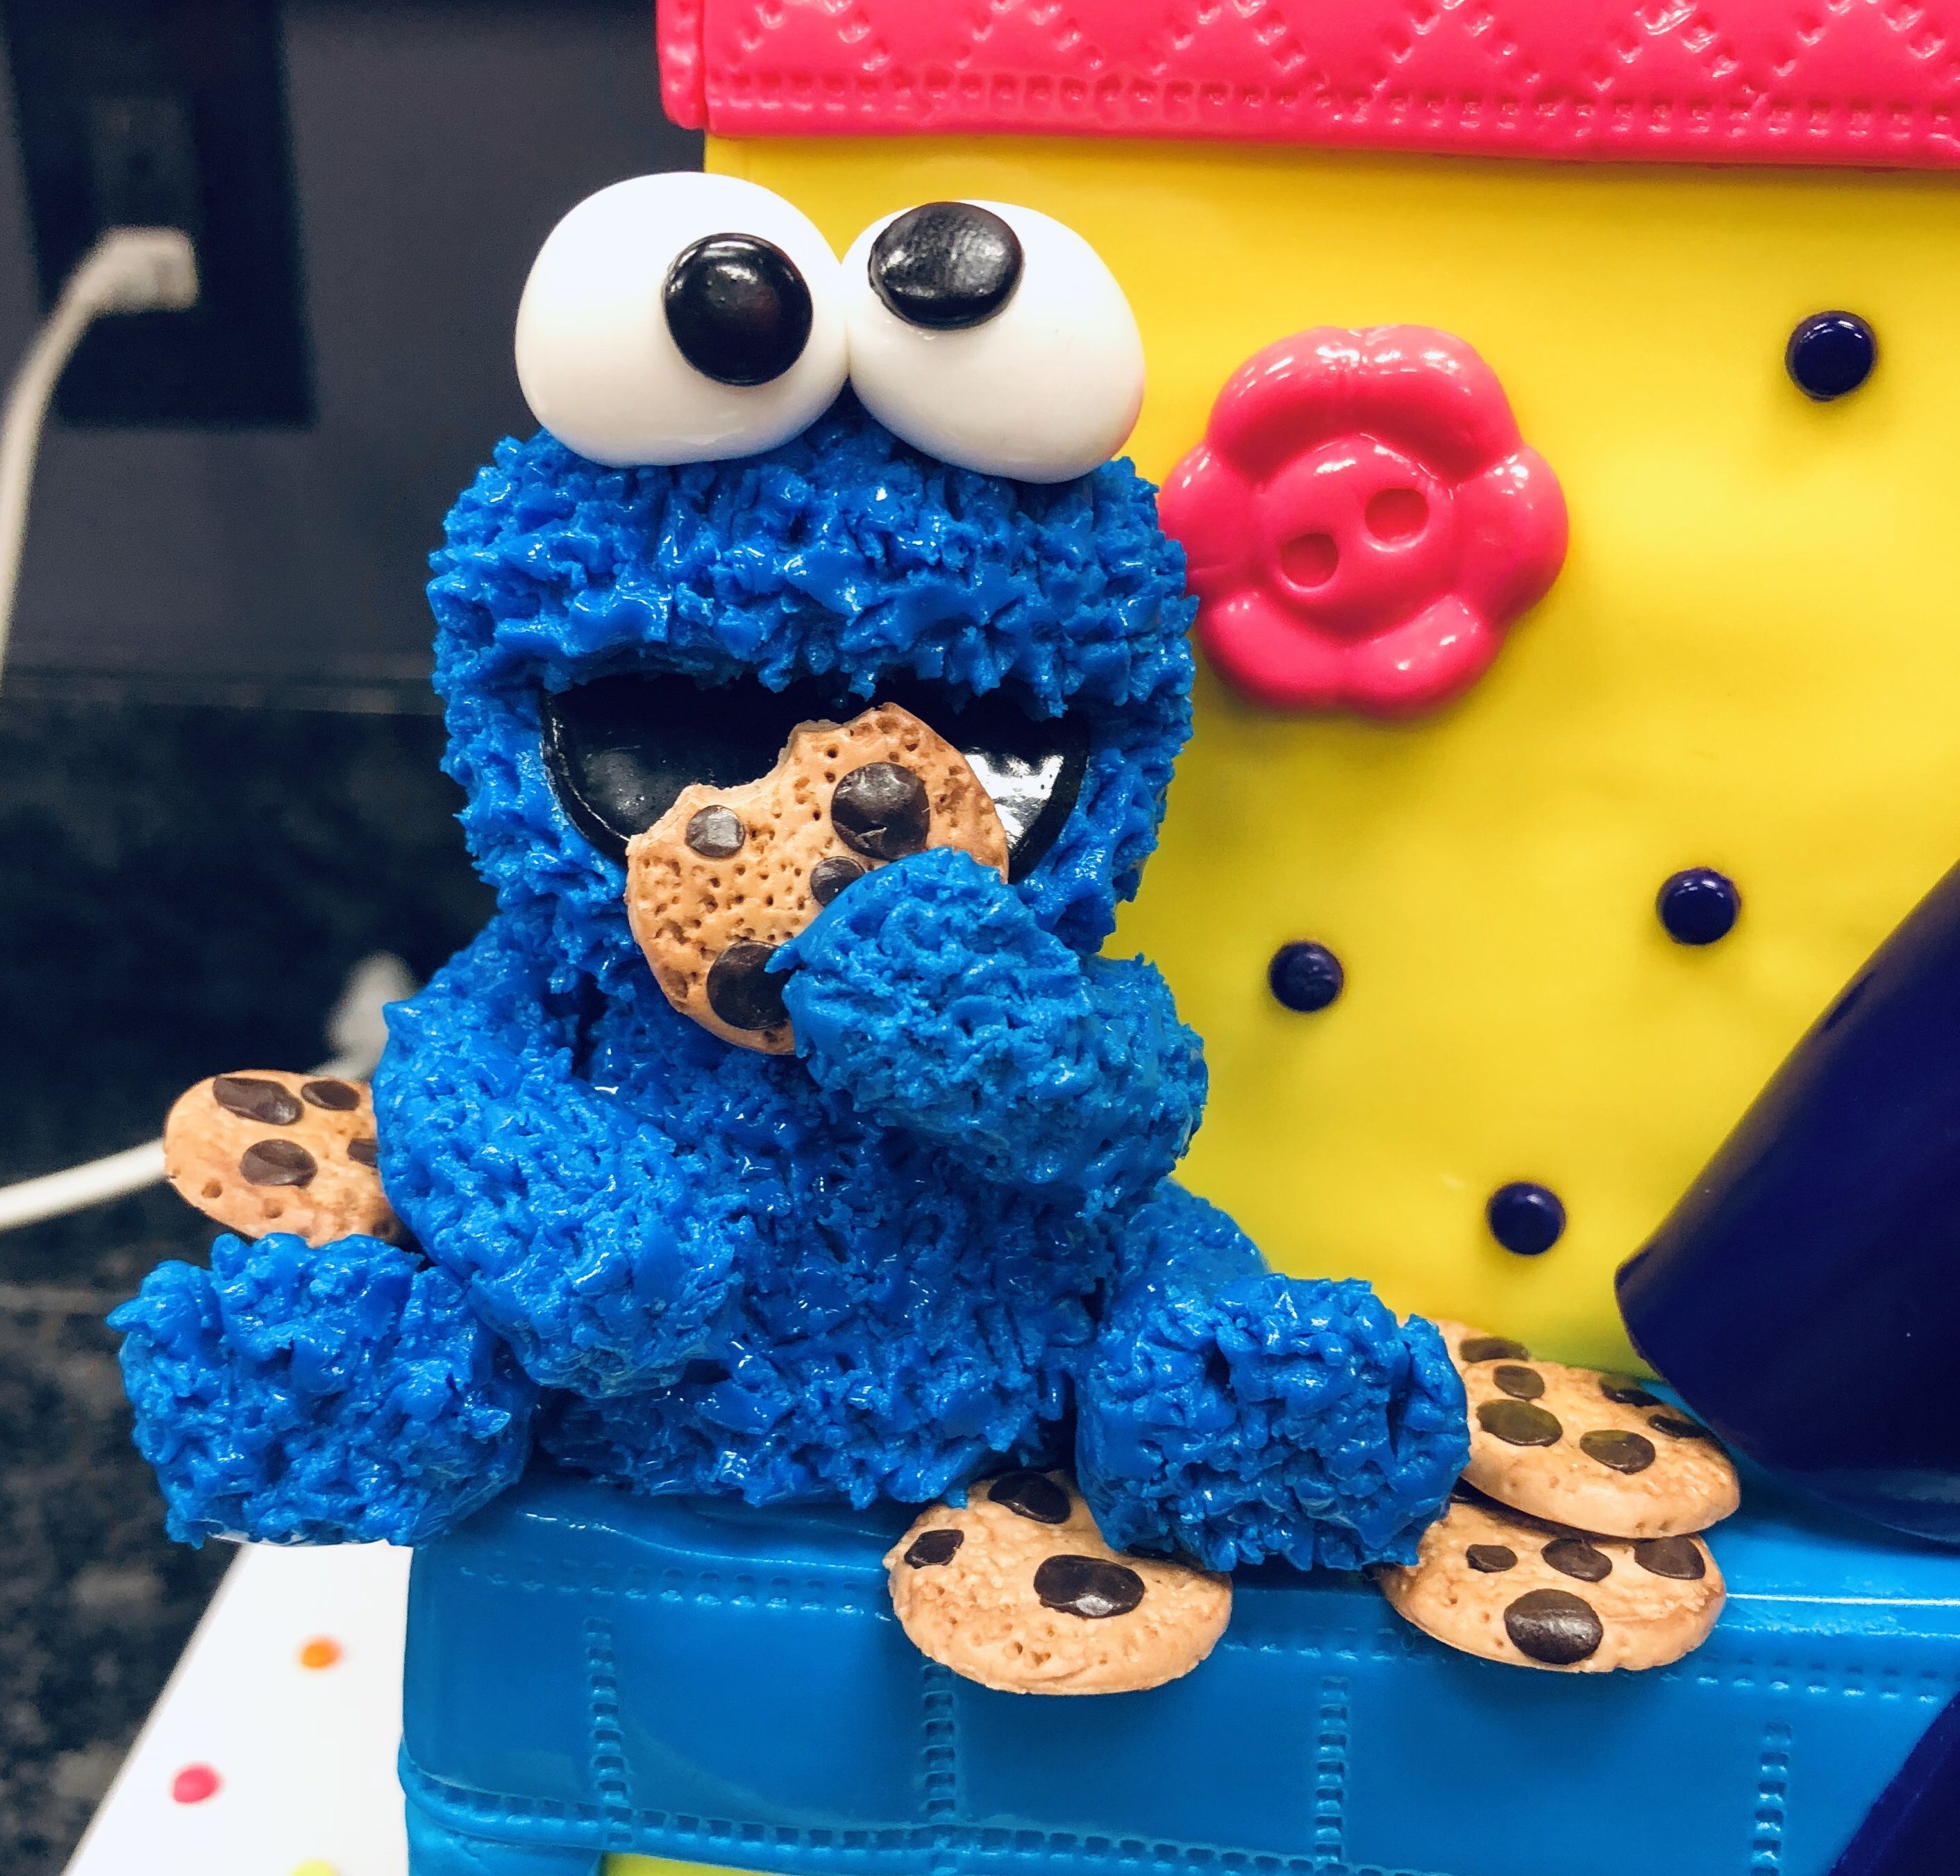 Cookie monster cake topper fondant cake toppers monster